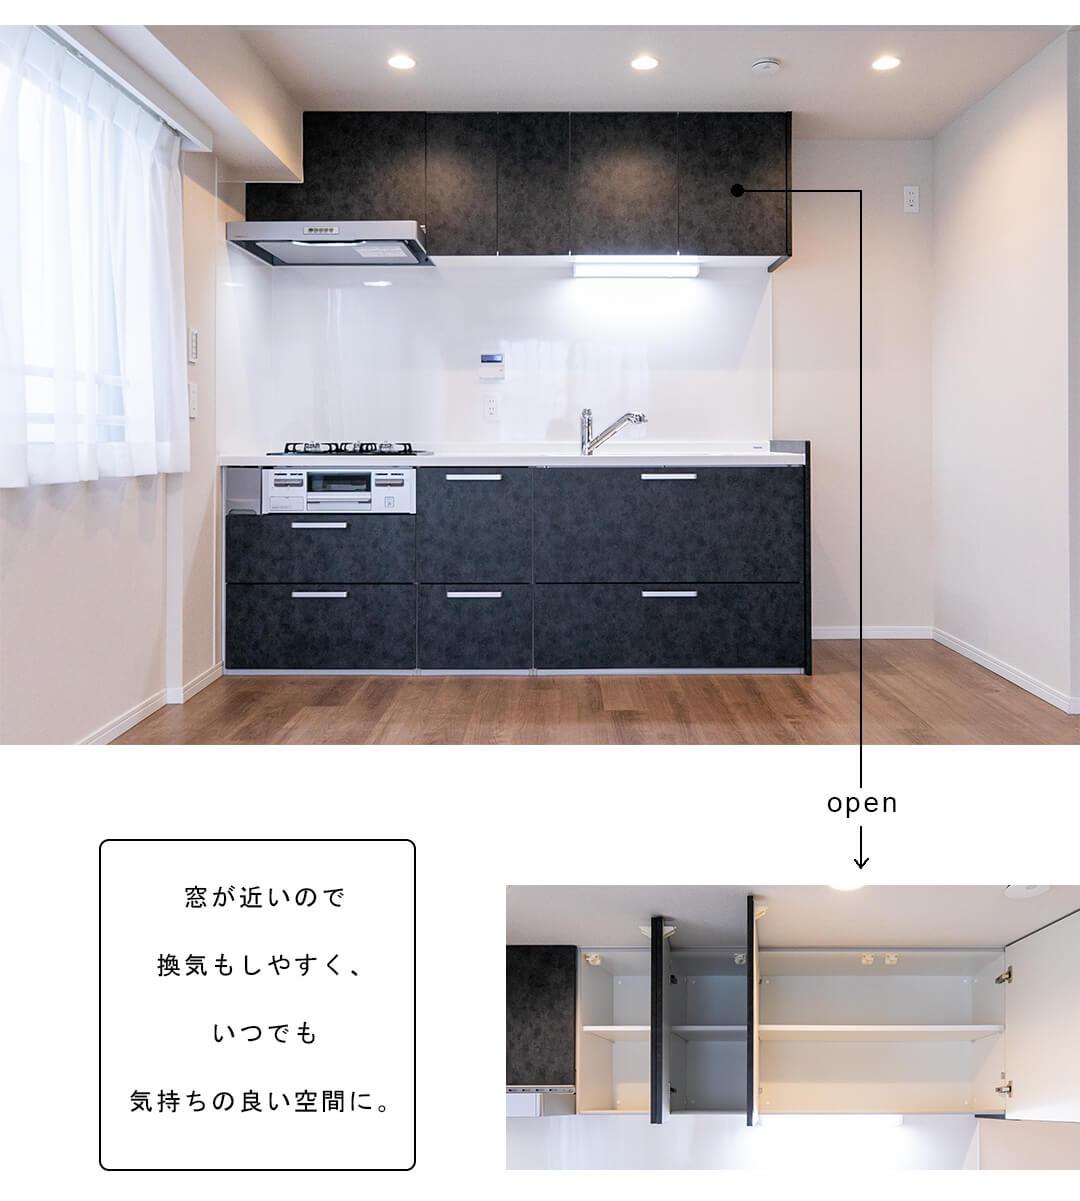 ジェイパーク三田のキッチン